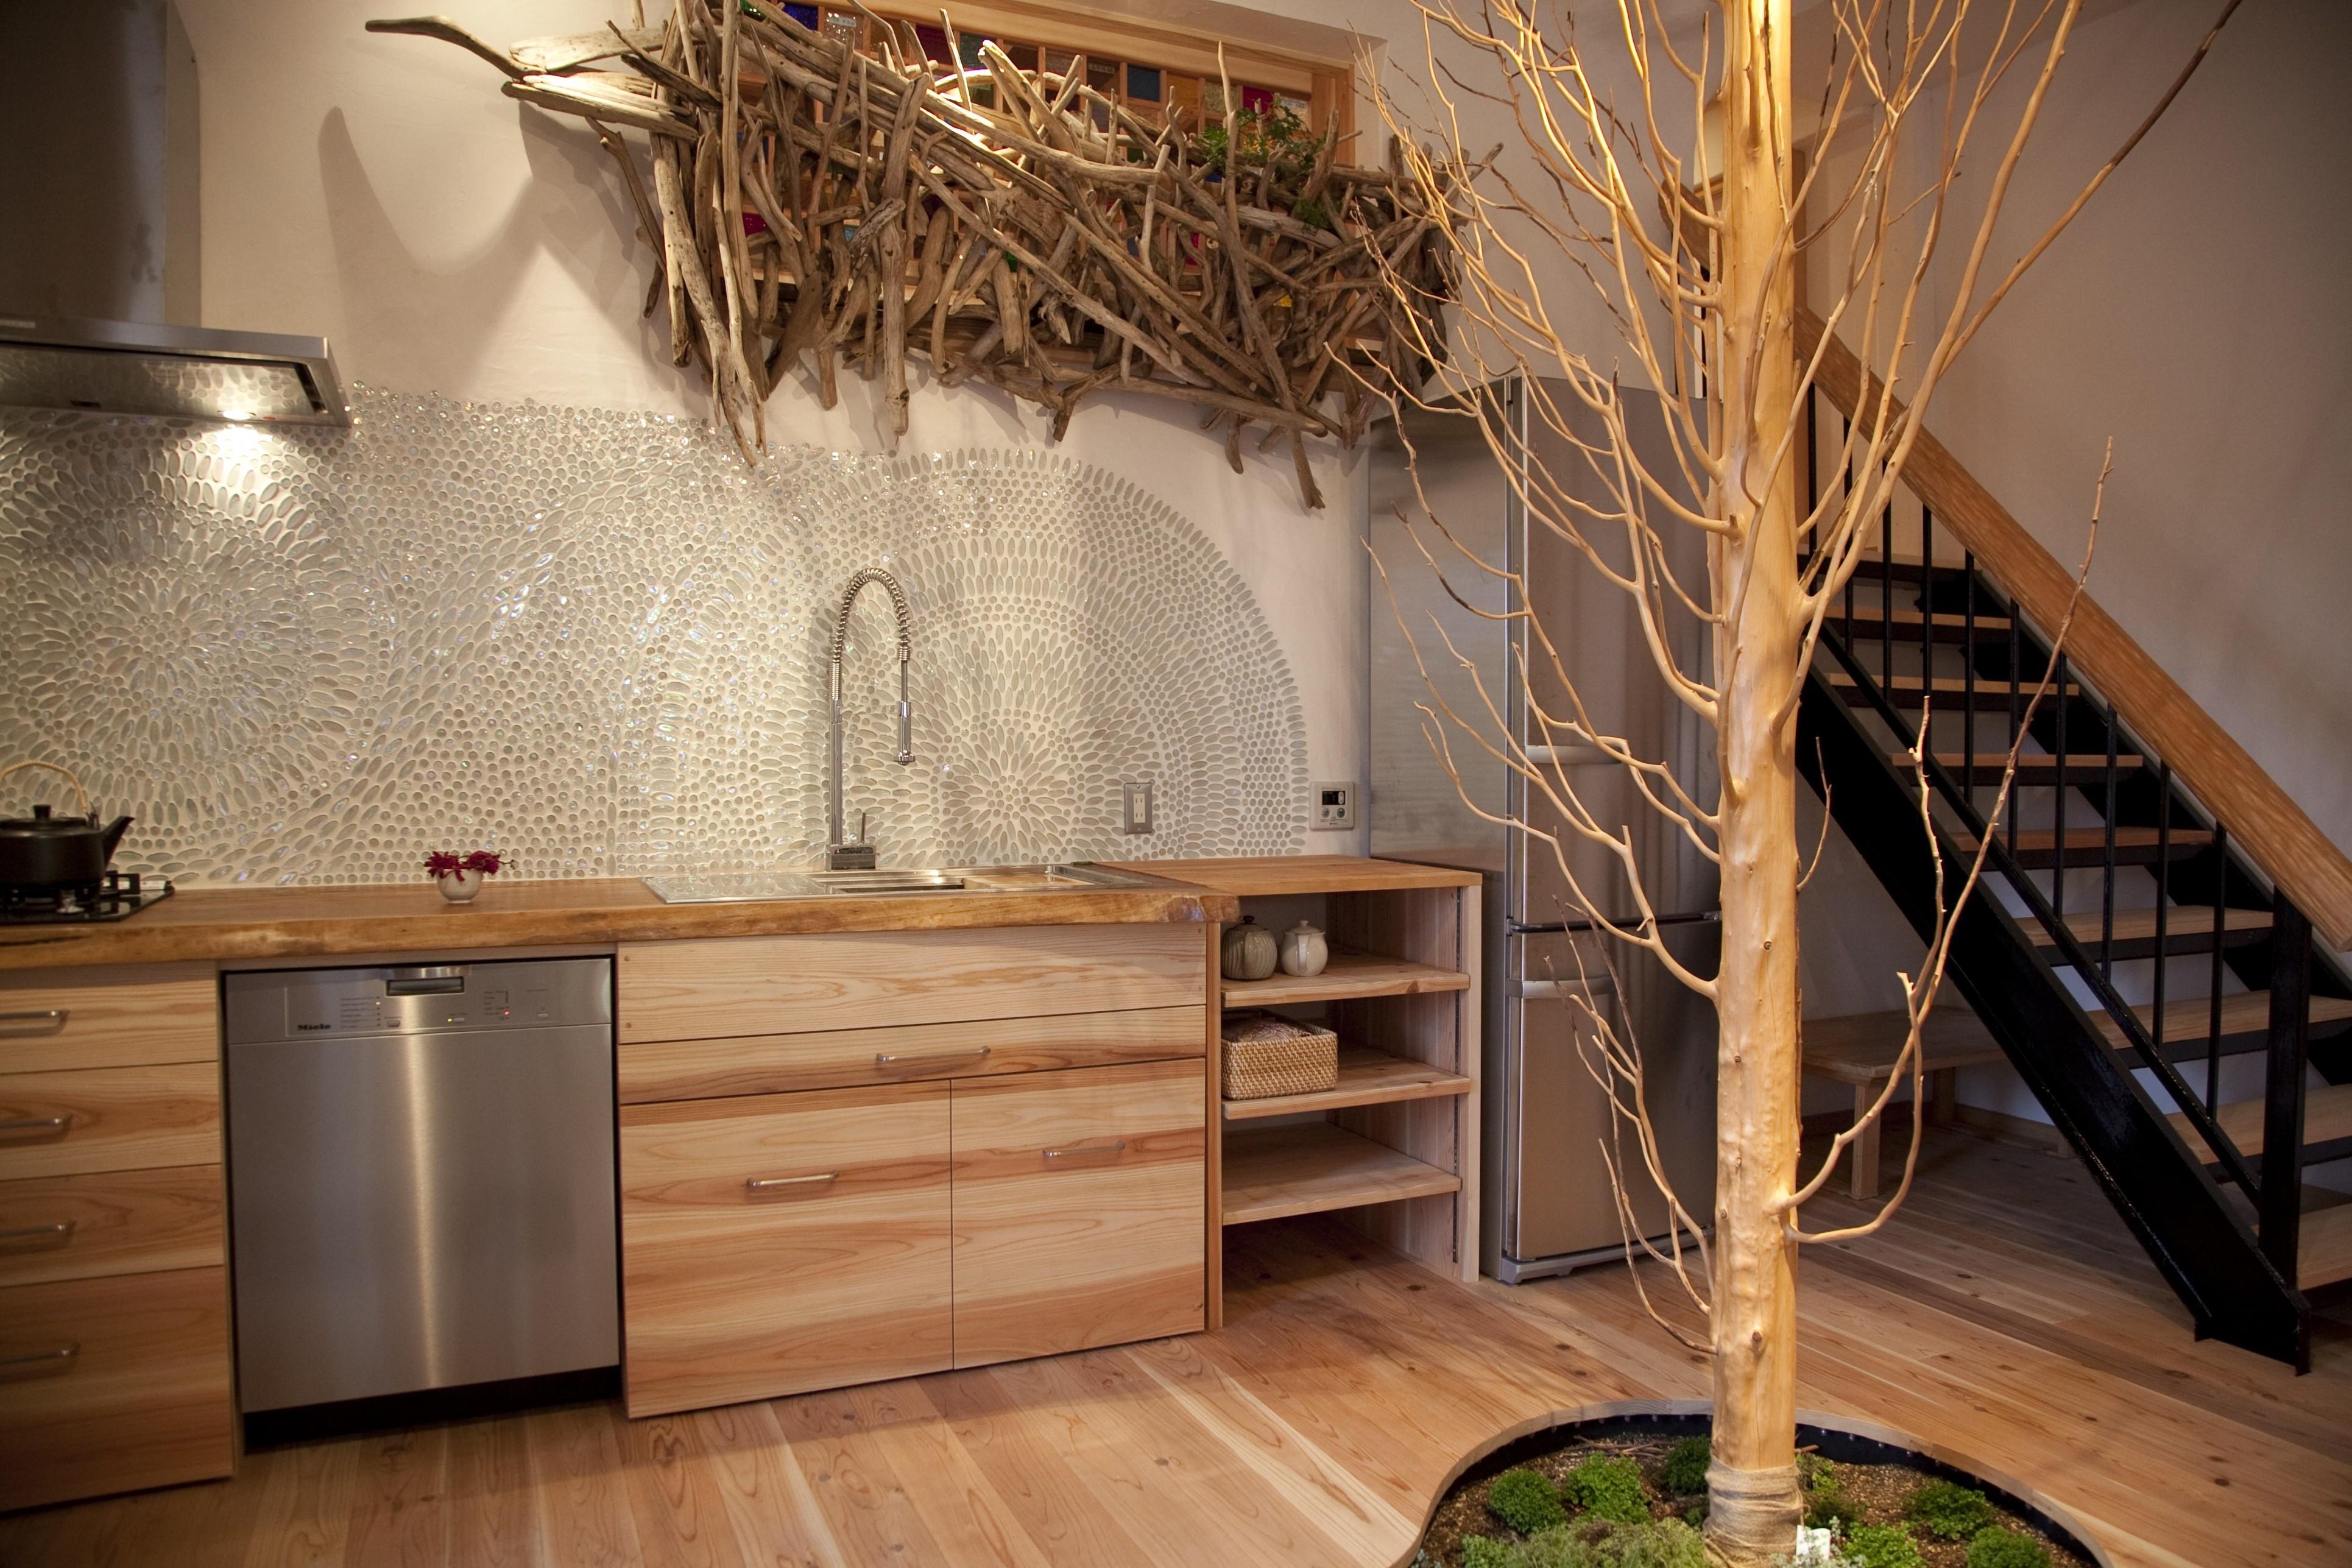 天然木をふんだんに使用した野趣あふれるオンリーワンの室内空間